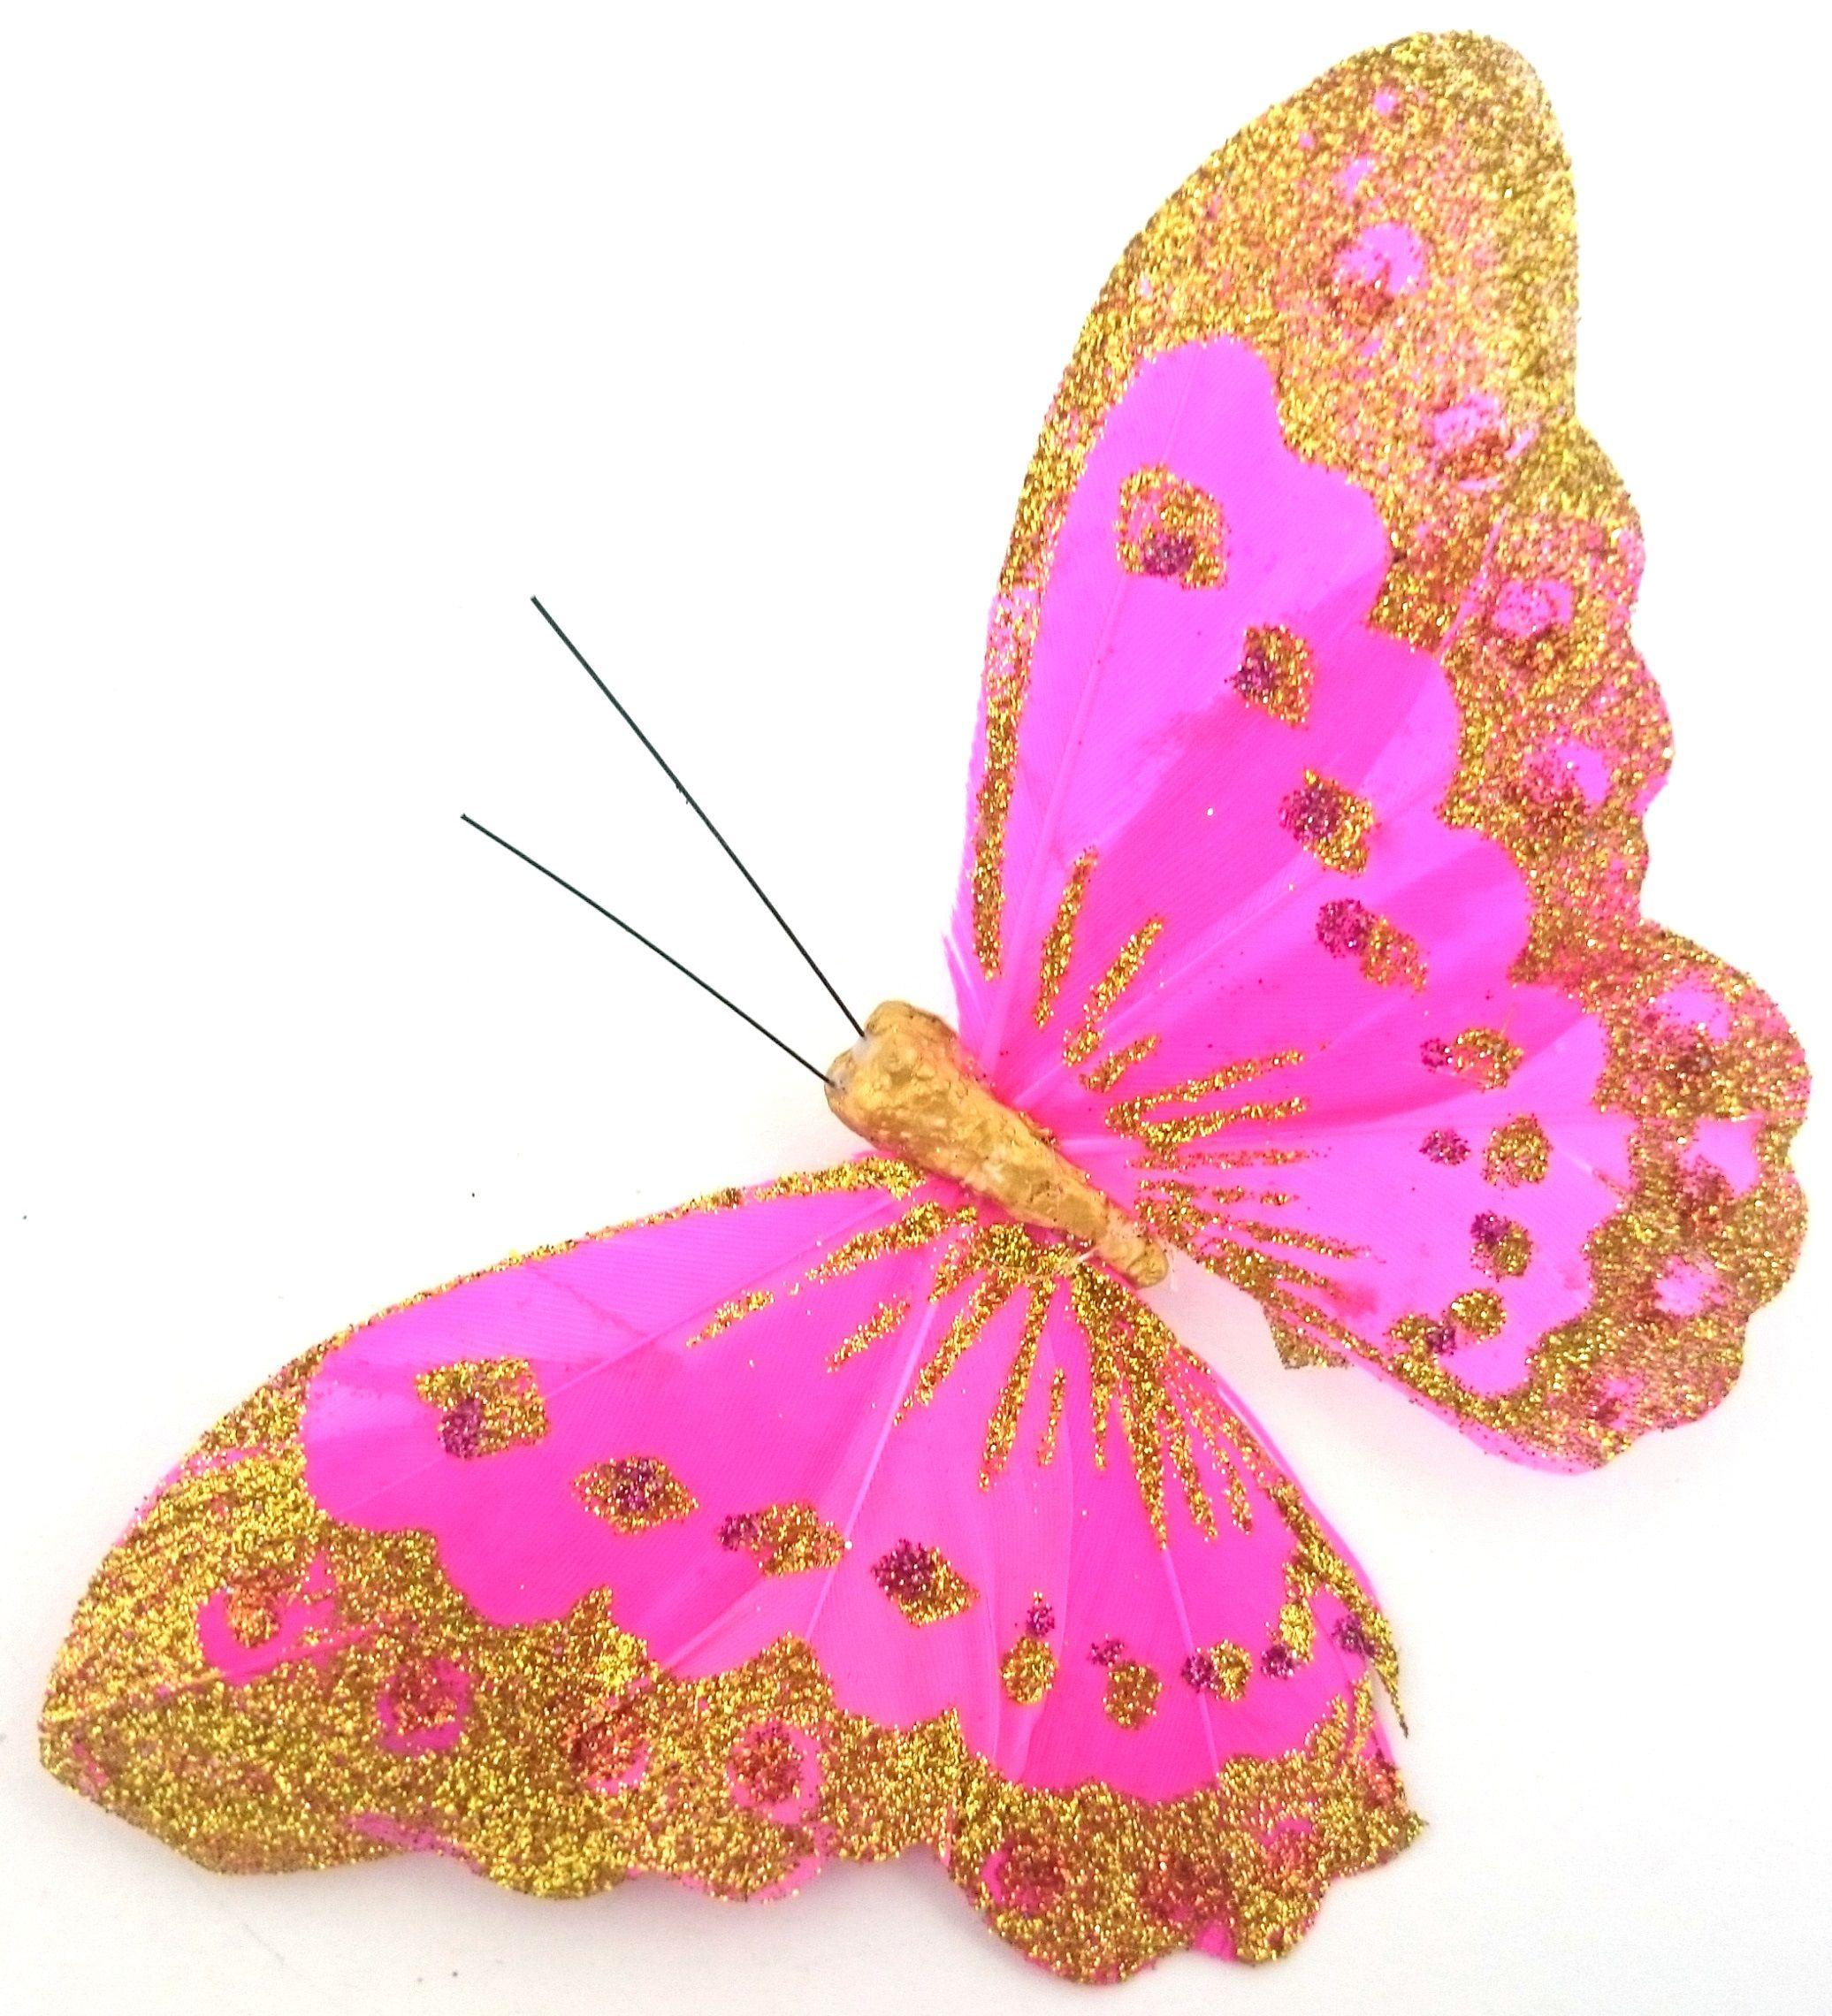 Motyl Motyle Dekoracyjne Motylki Kolorowe Ozdobne